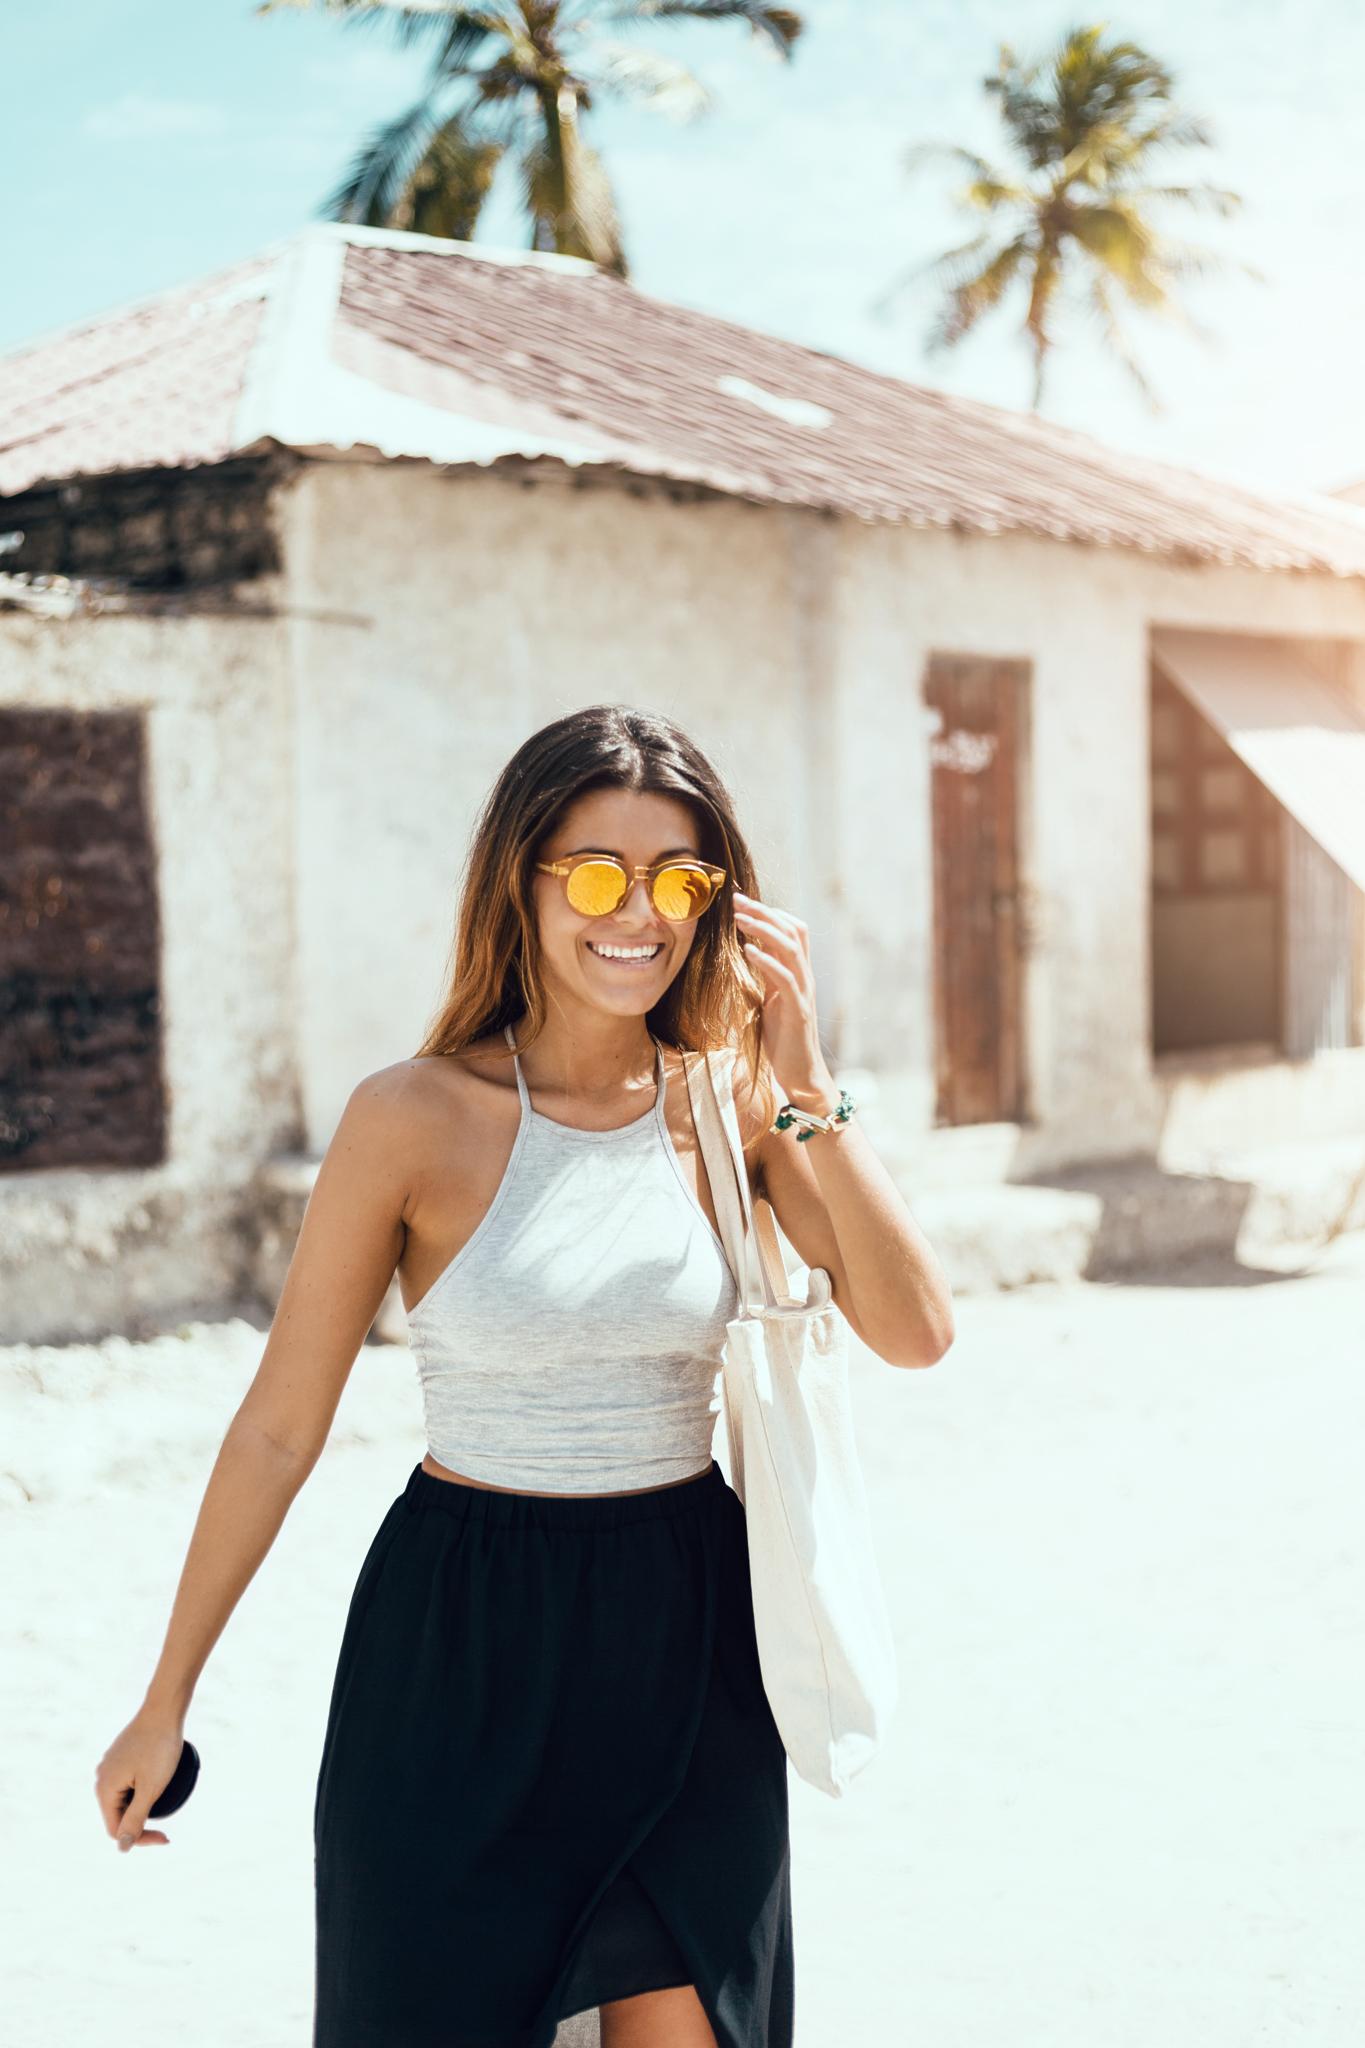 Chimi Eyewear x Bianca Ingrosso by Fabian Wester 3